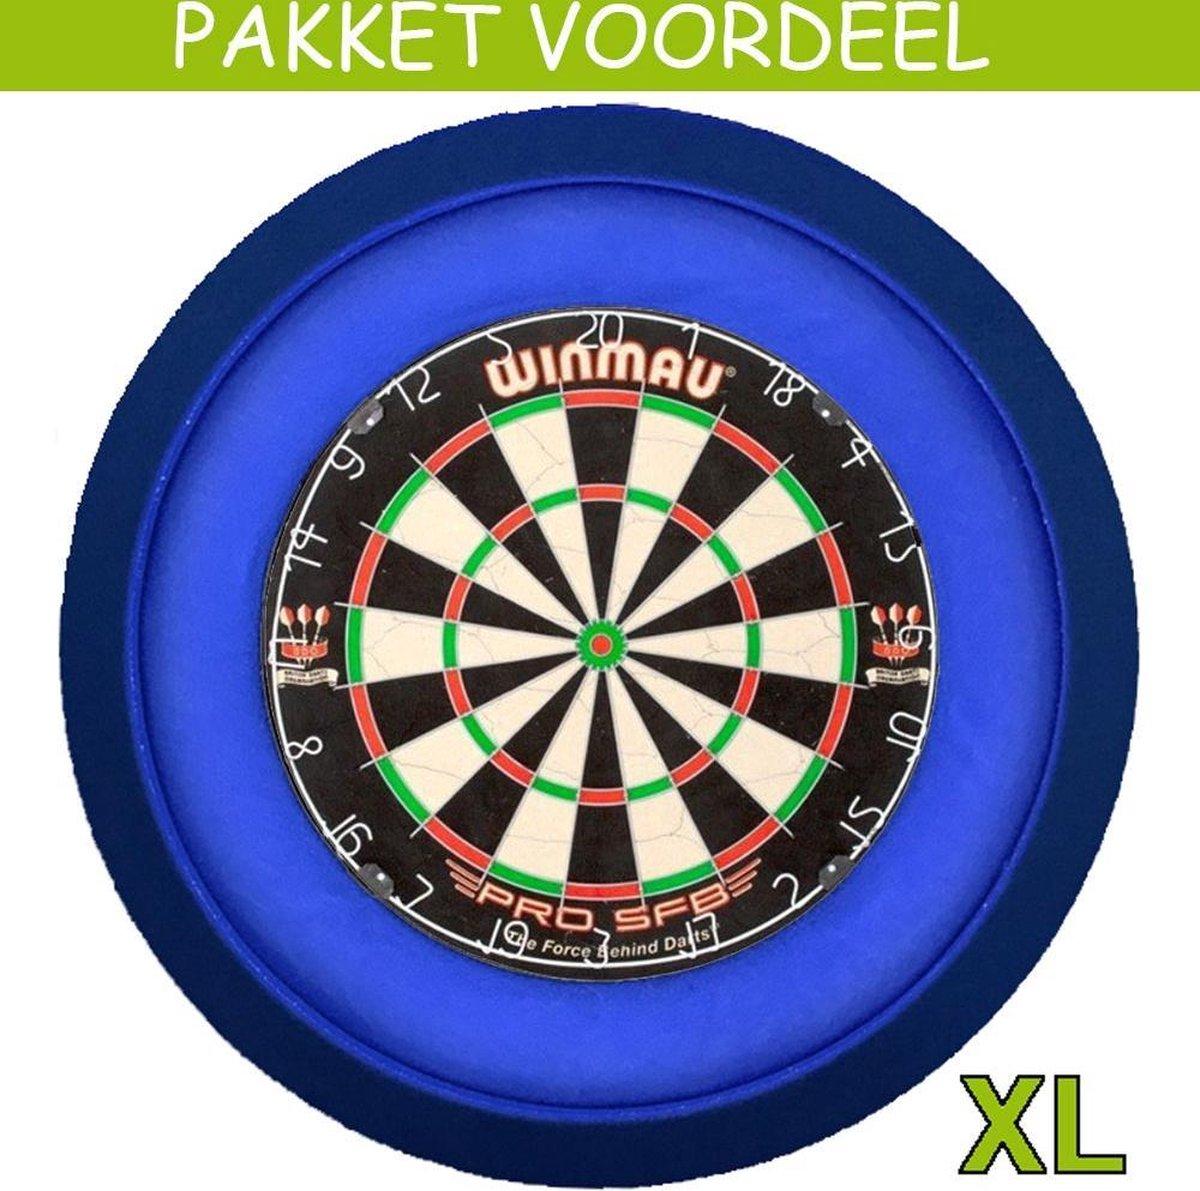 Dartbord Verlichting Voordeelpakket Super Deluxe + Pro SFB + Dartbordverlichting Deluxe XL(Blauw)